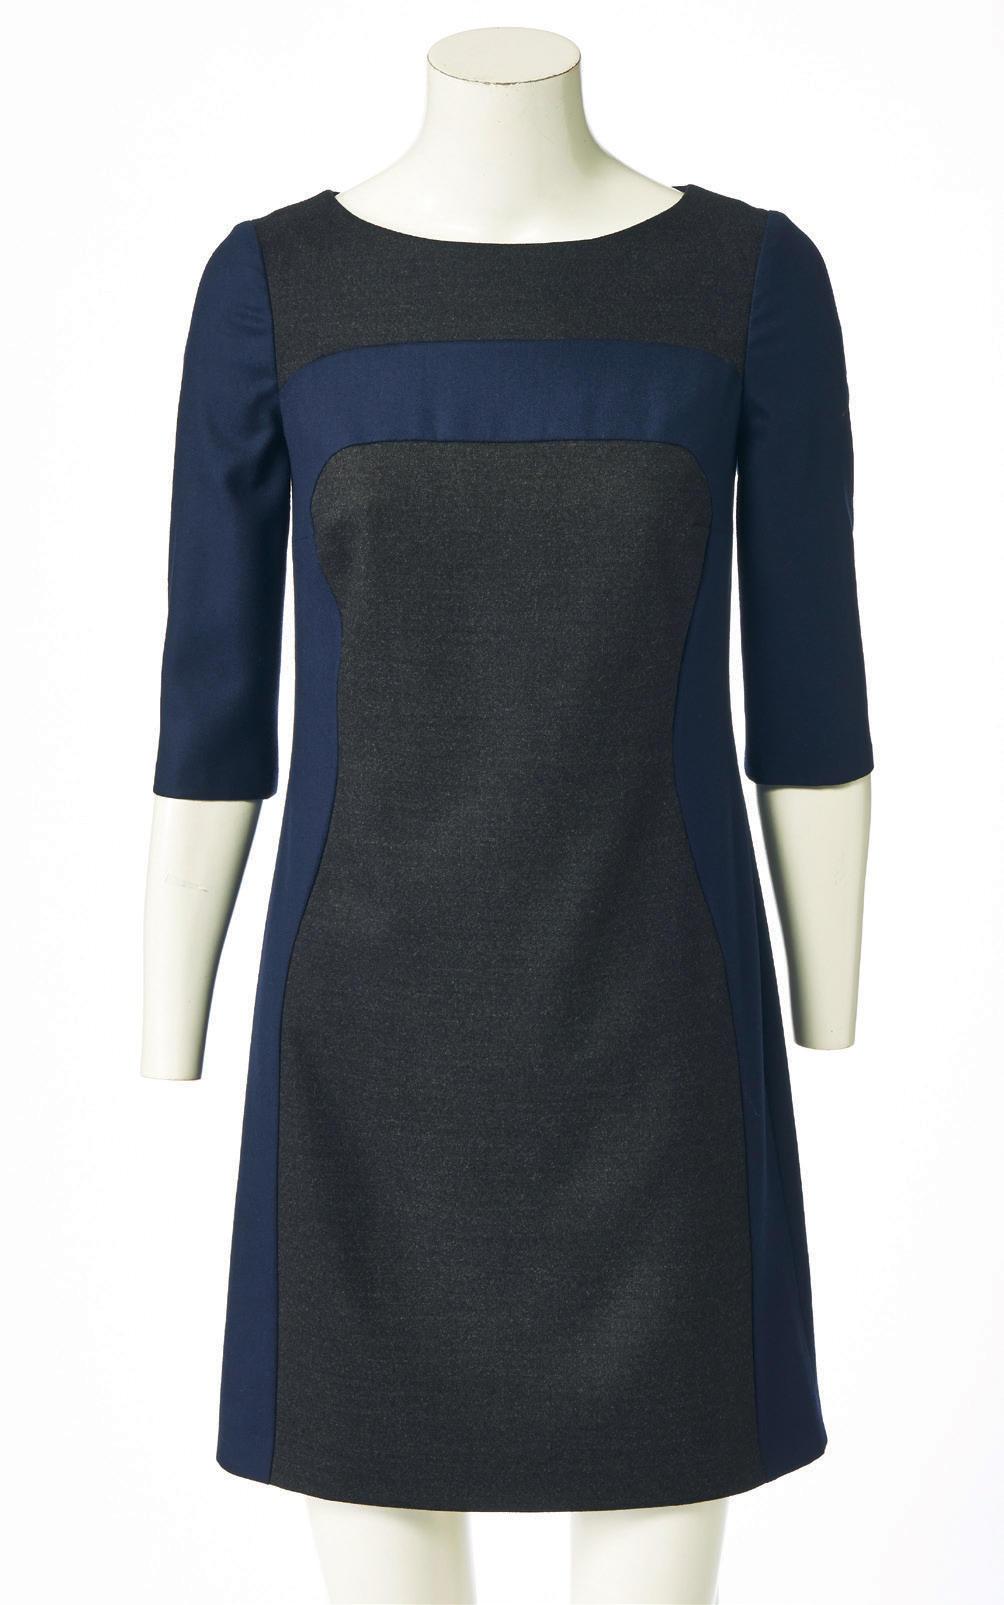 Herbstkleider kleider von boden direkt zum bestellen for Boden mode katalog bestellen